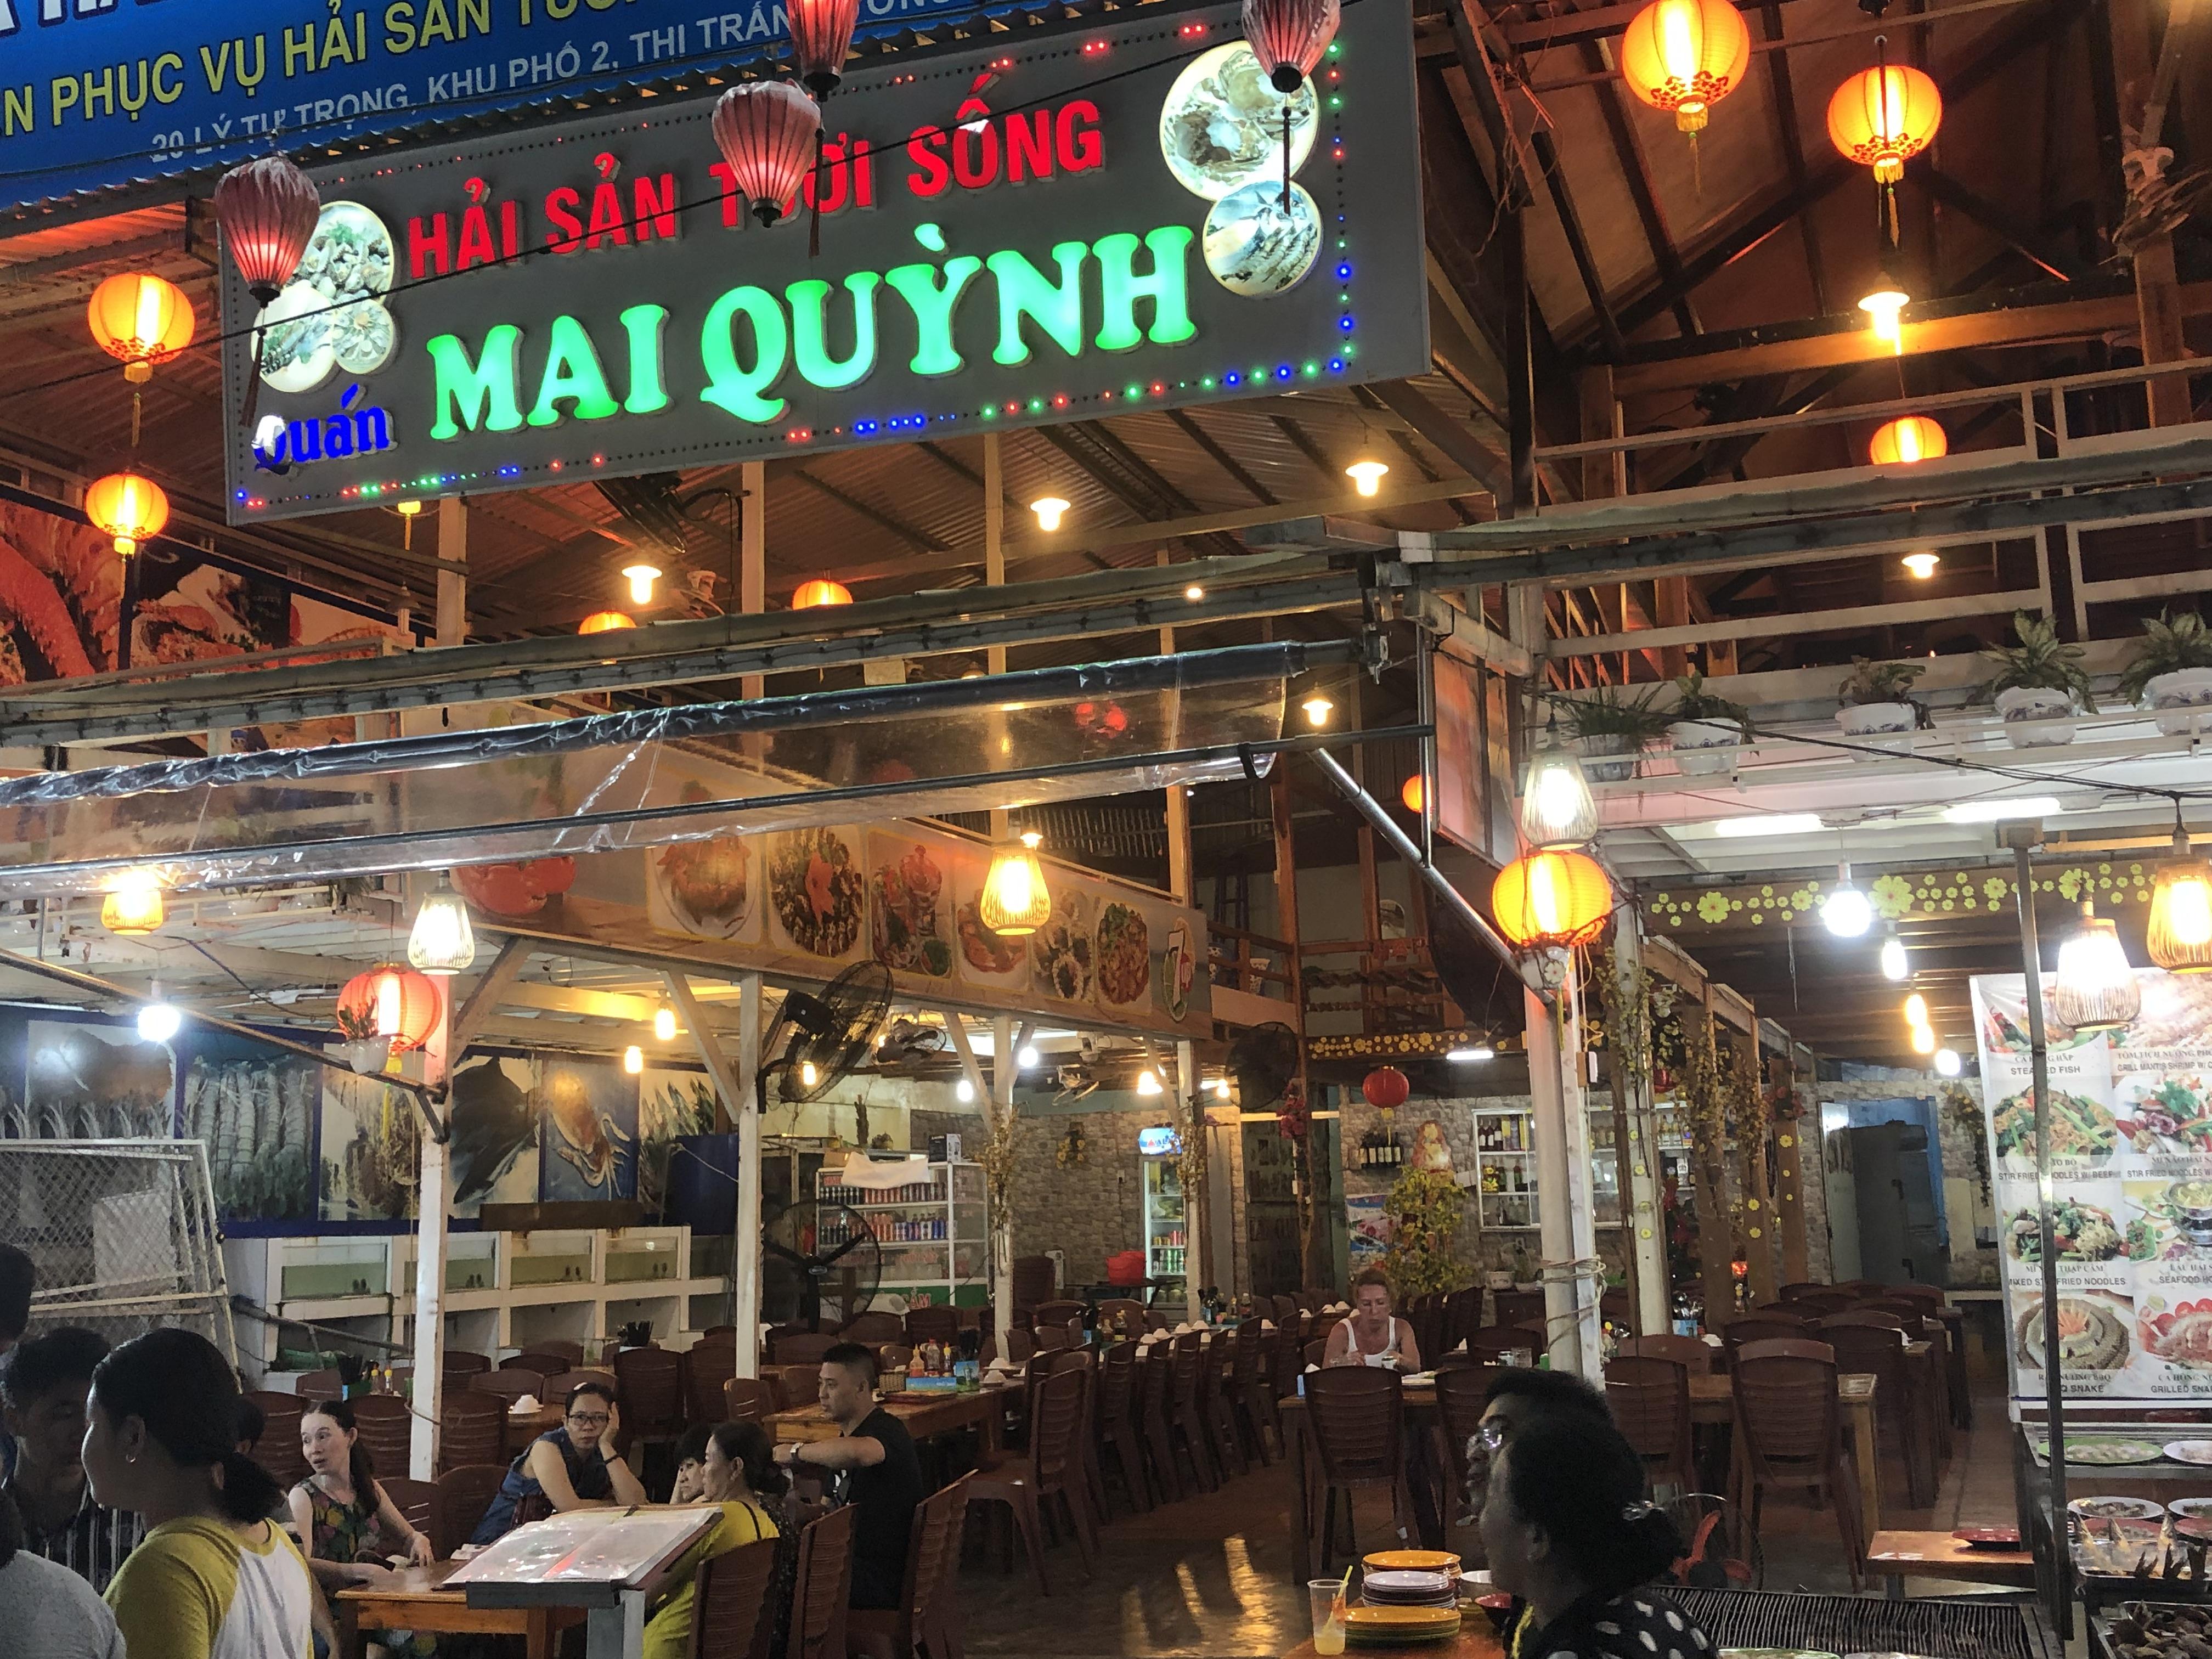 """Nhà hàng ngay mặt tiền chợ đêm Phú Quốc nhưng vẫn """"ế"""""""